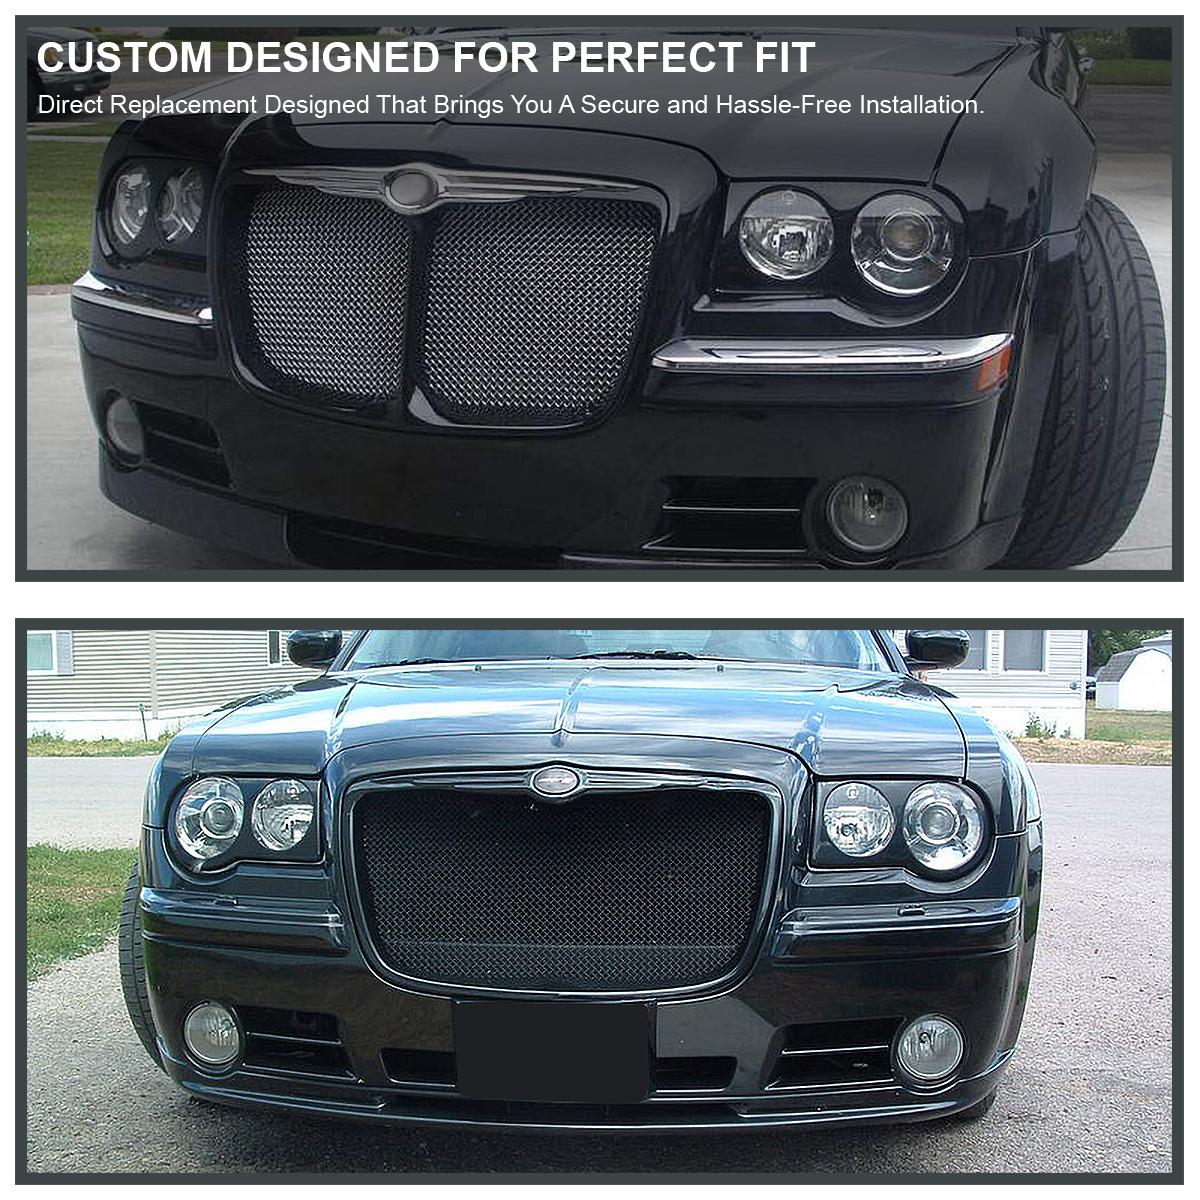 2005 2006 2007 Chrysler 300c Srt8 Clear Black Headlights: 2005-2010 Chrysler 300C Headlight Covers Bezel Eyelids